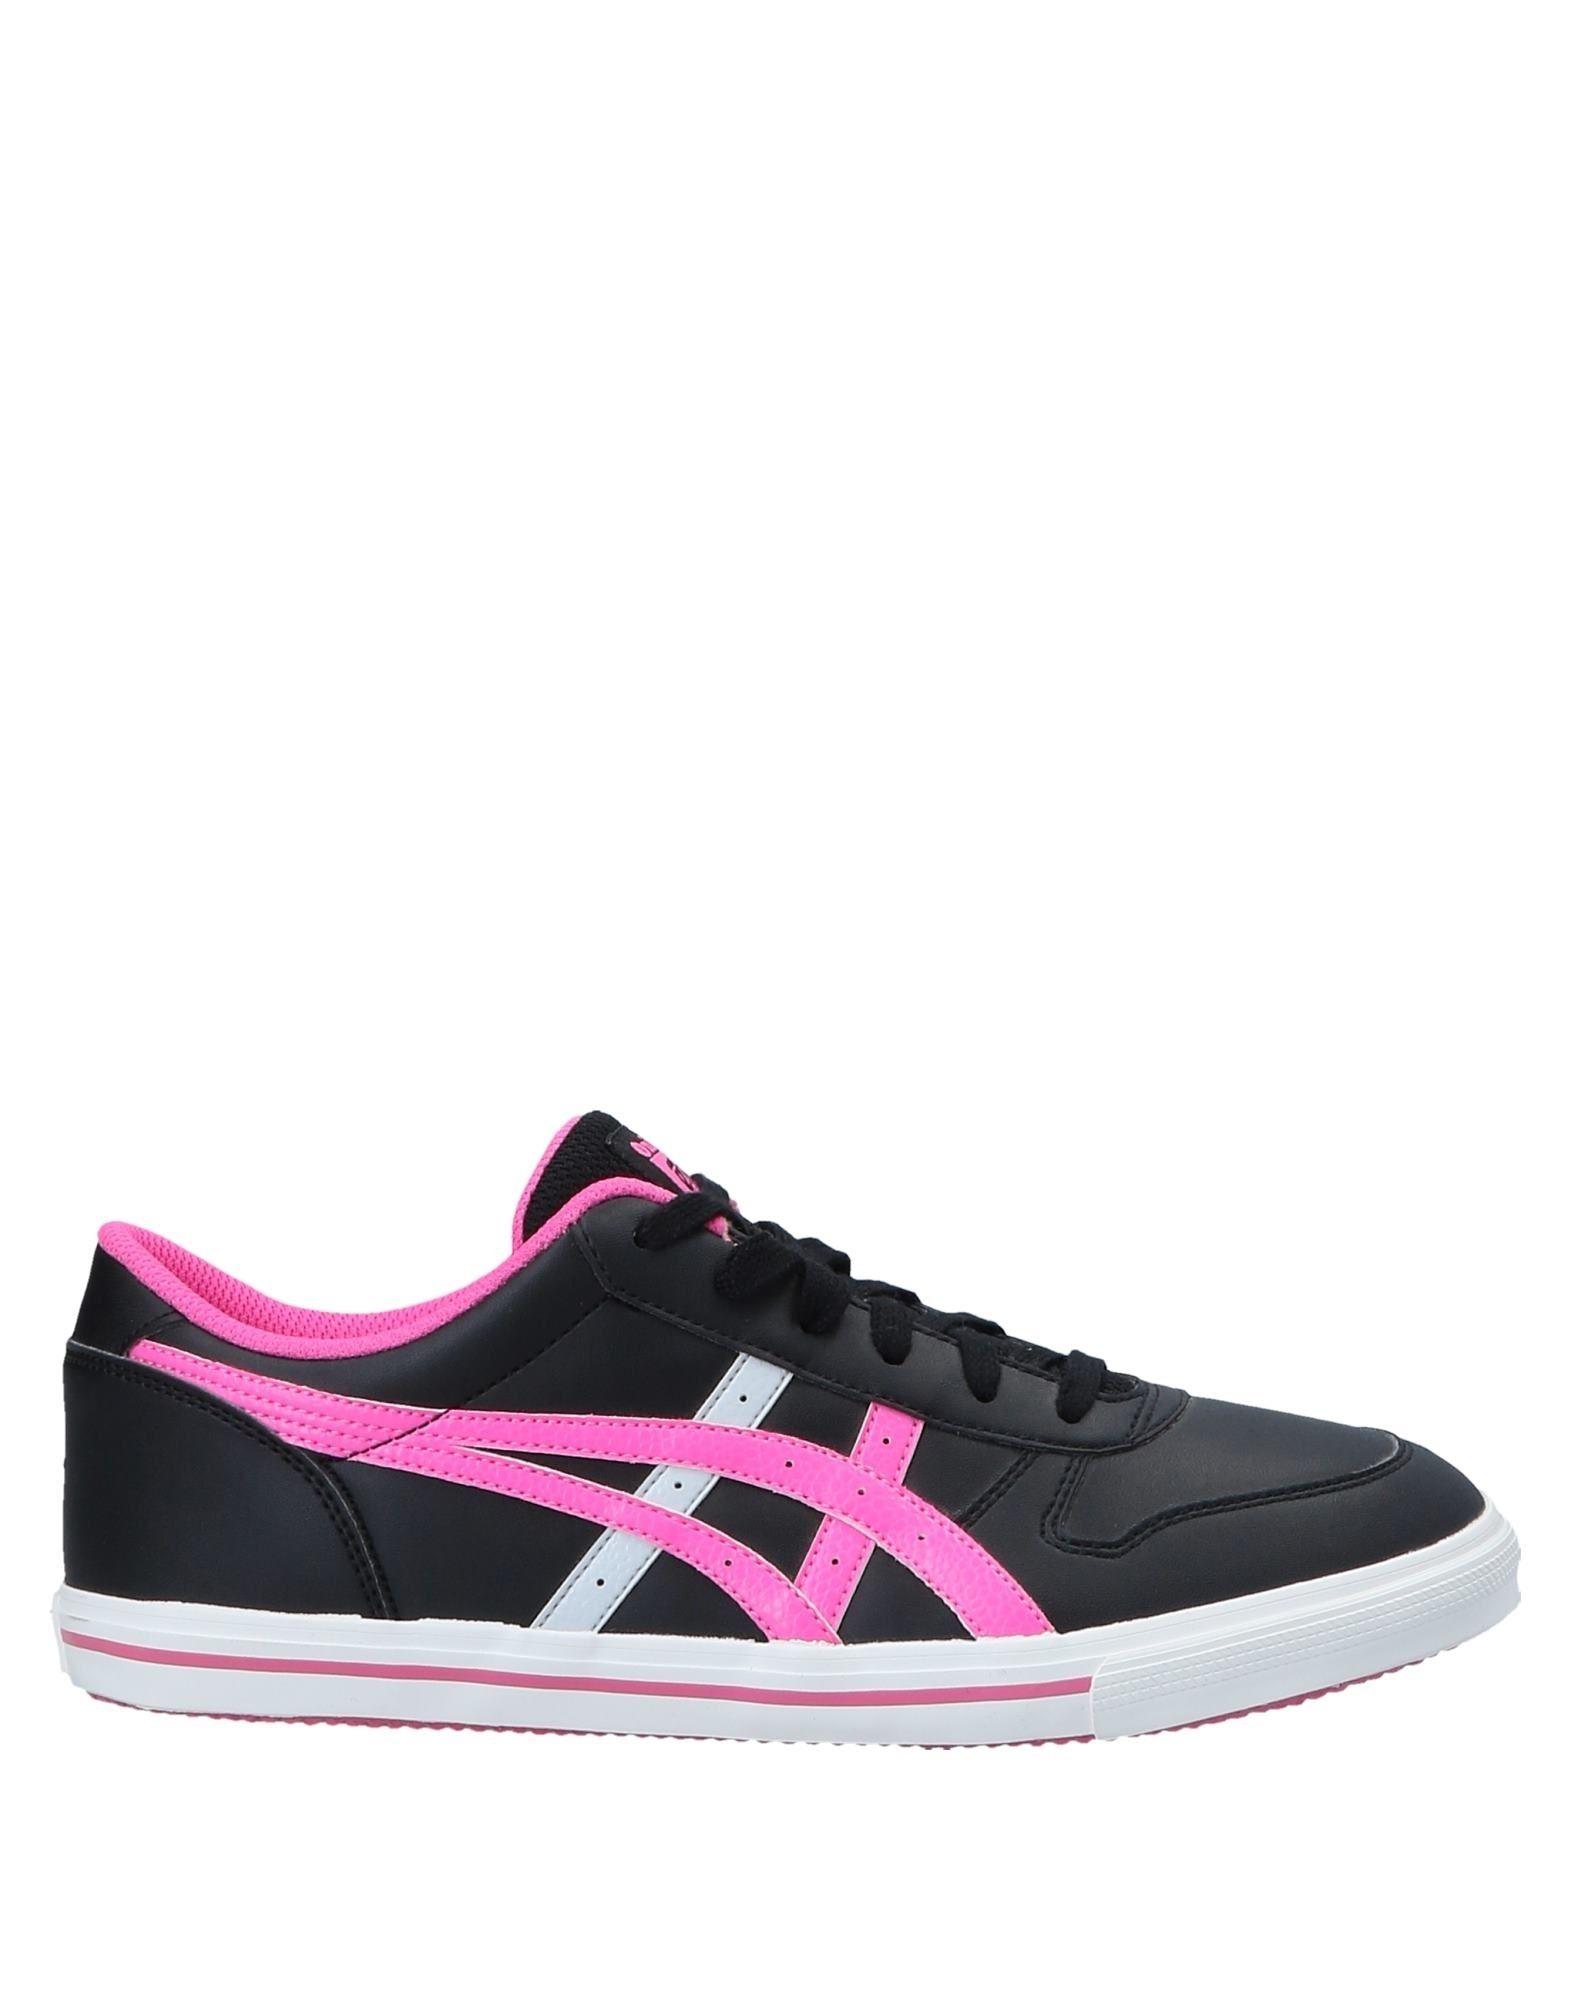 Sneakers Onitsuka Tiger Donna Donna Tiger - 11546253EK 505cde